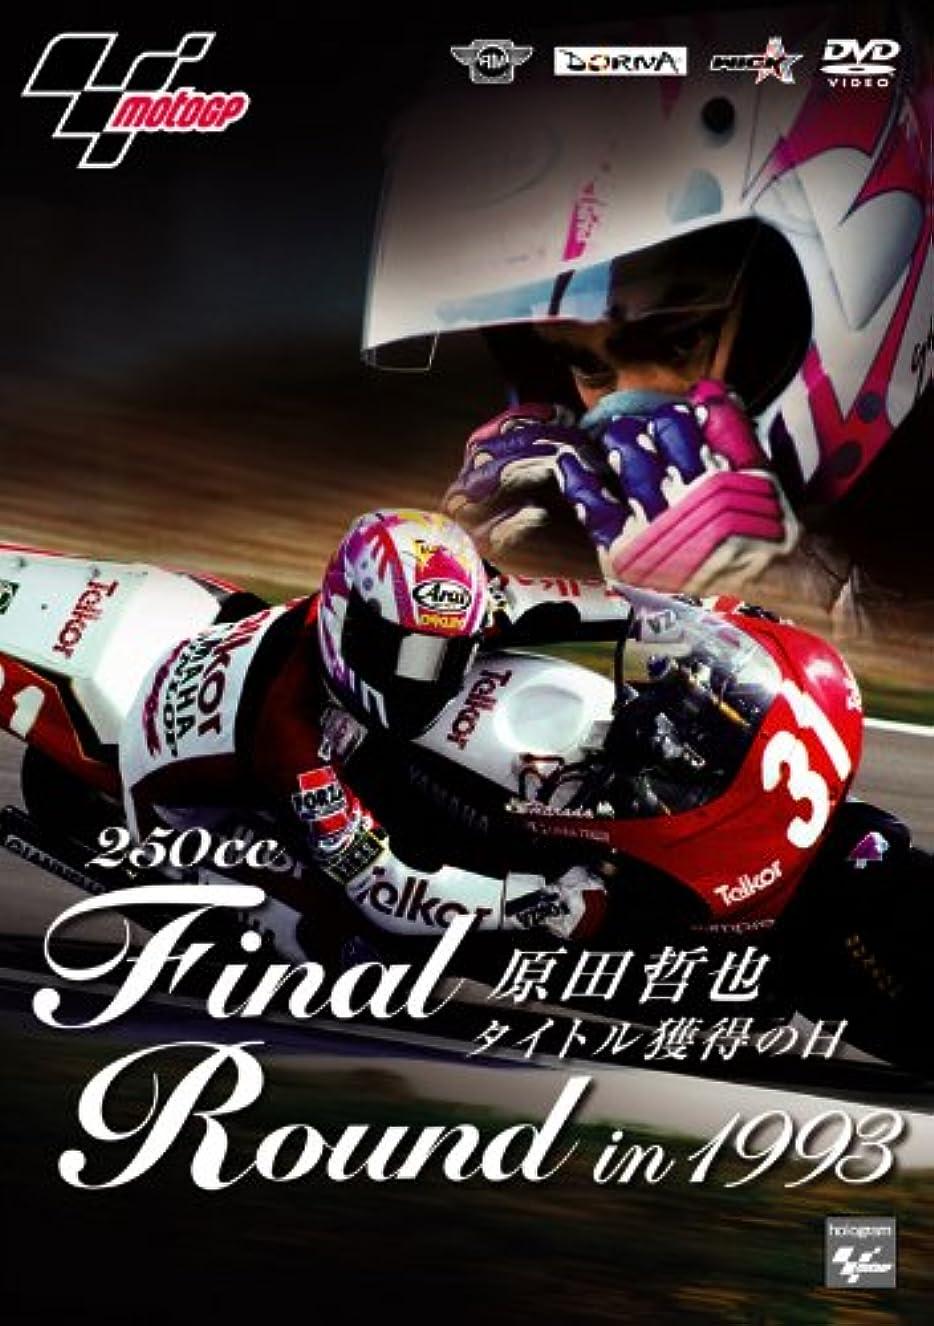 眠っているまだ合意250cc Final Round in 1993 原田哲也タイトル獲得の日 [DVD]